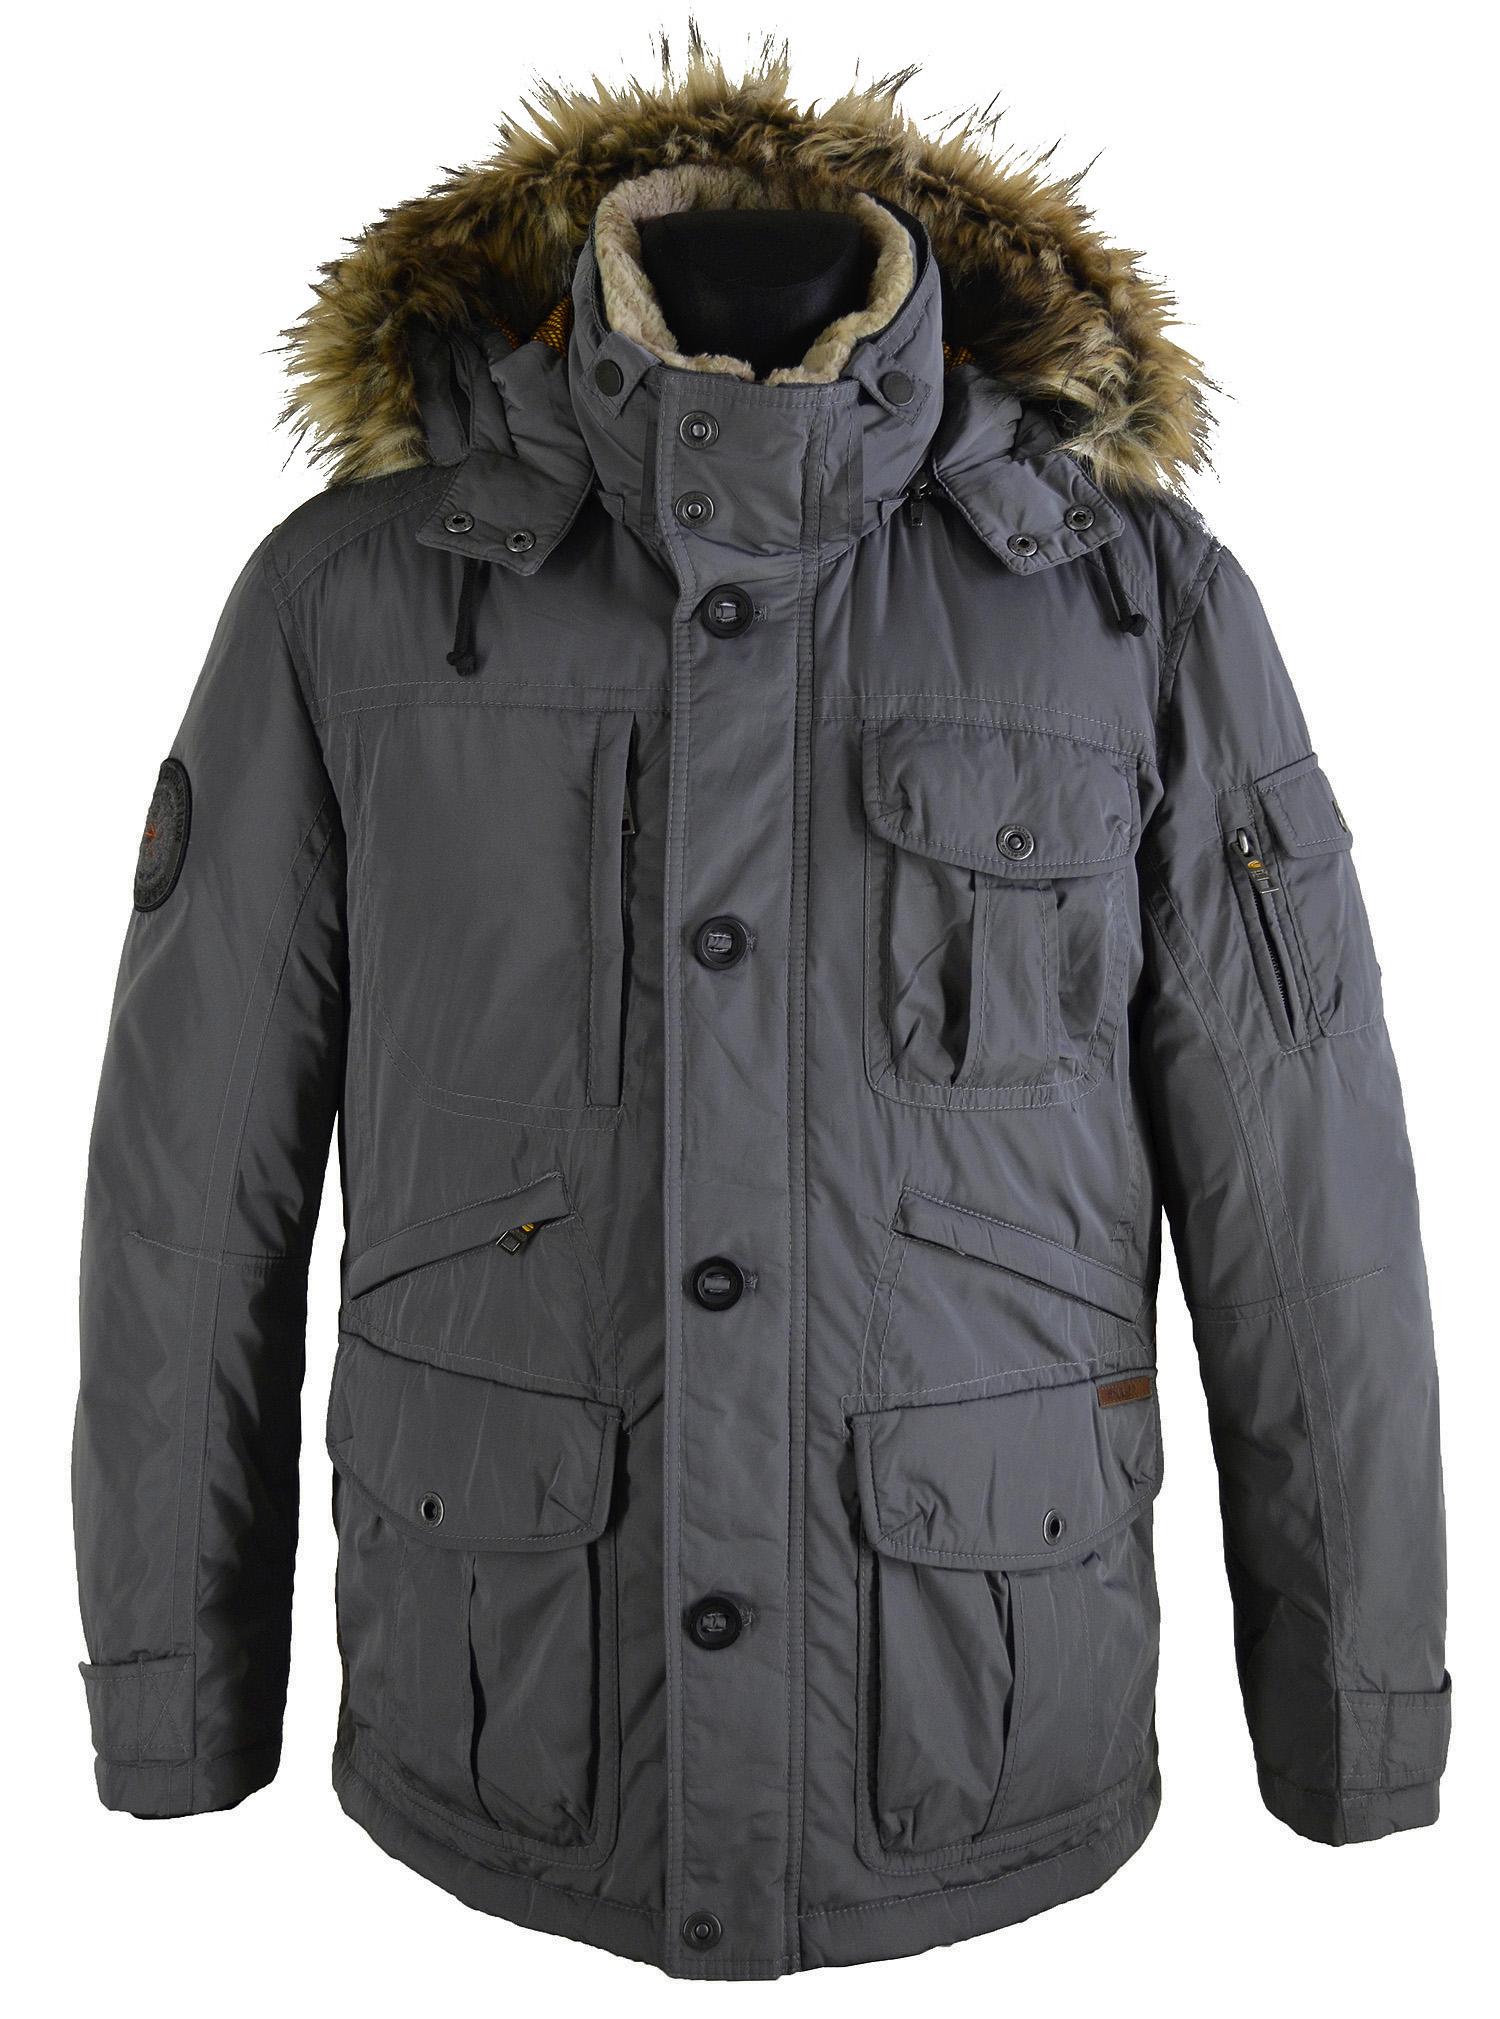 1d507c21dfff8 Качественный зимний пуховик для мужчин | Интернет магазин одежды OUTFIT